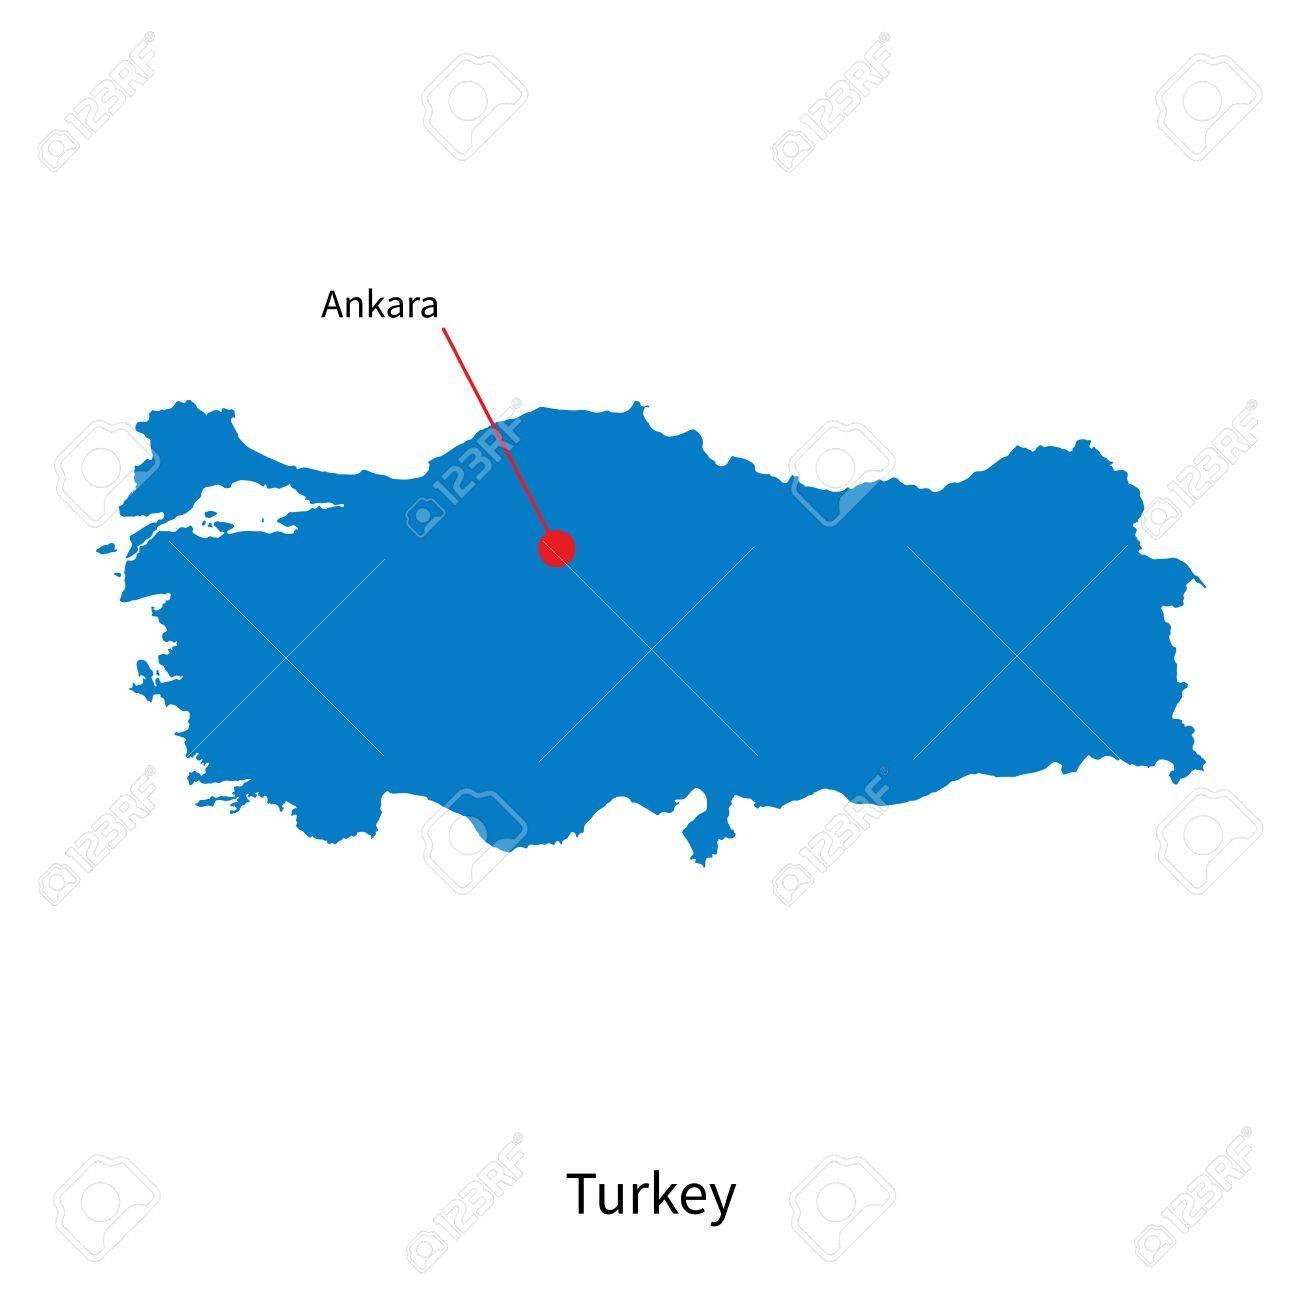 Capital City Of Turkey Map Detailed Map Of Turkey And Capital City Ankara Royalty Free